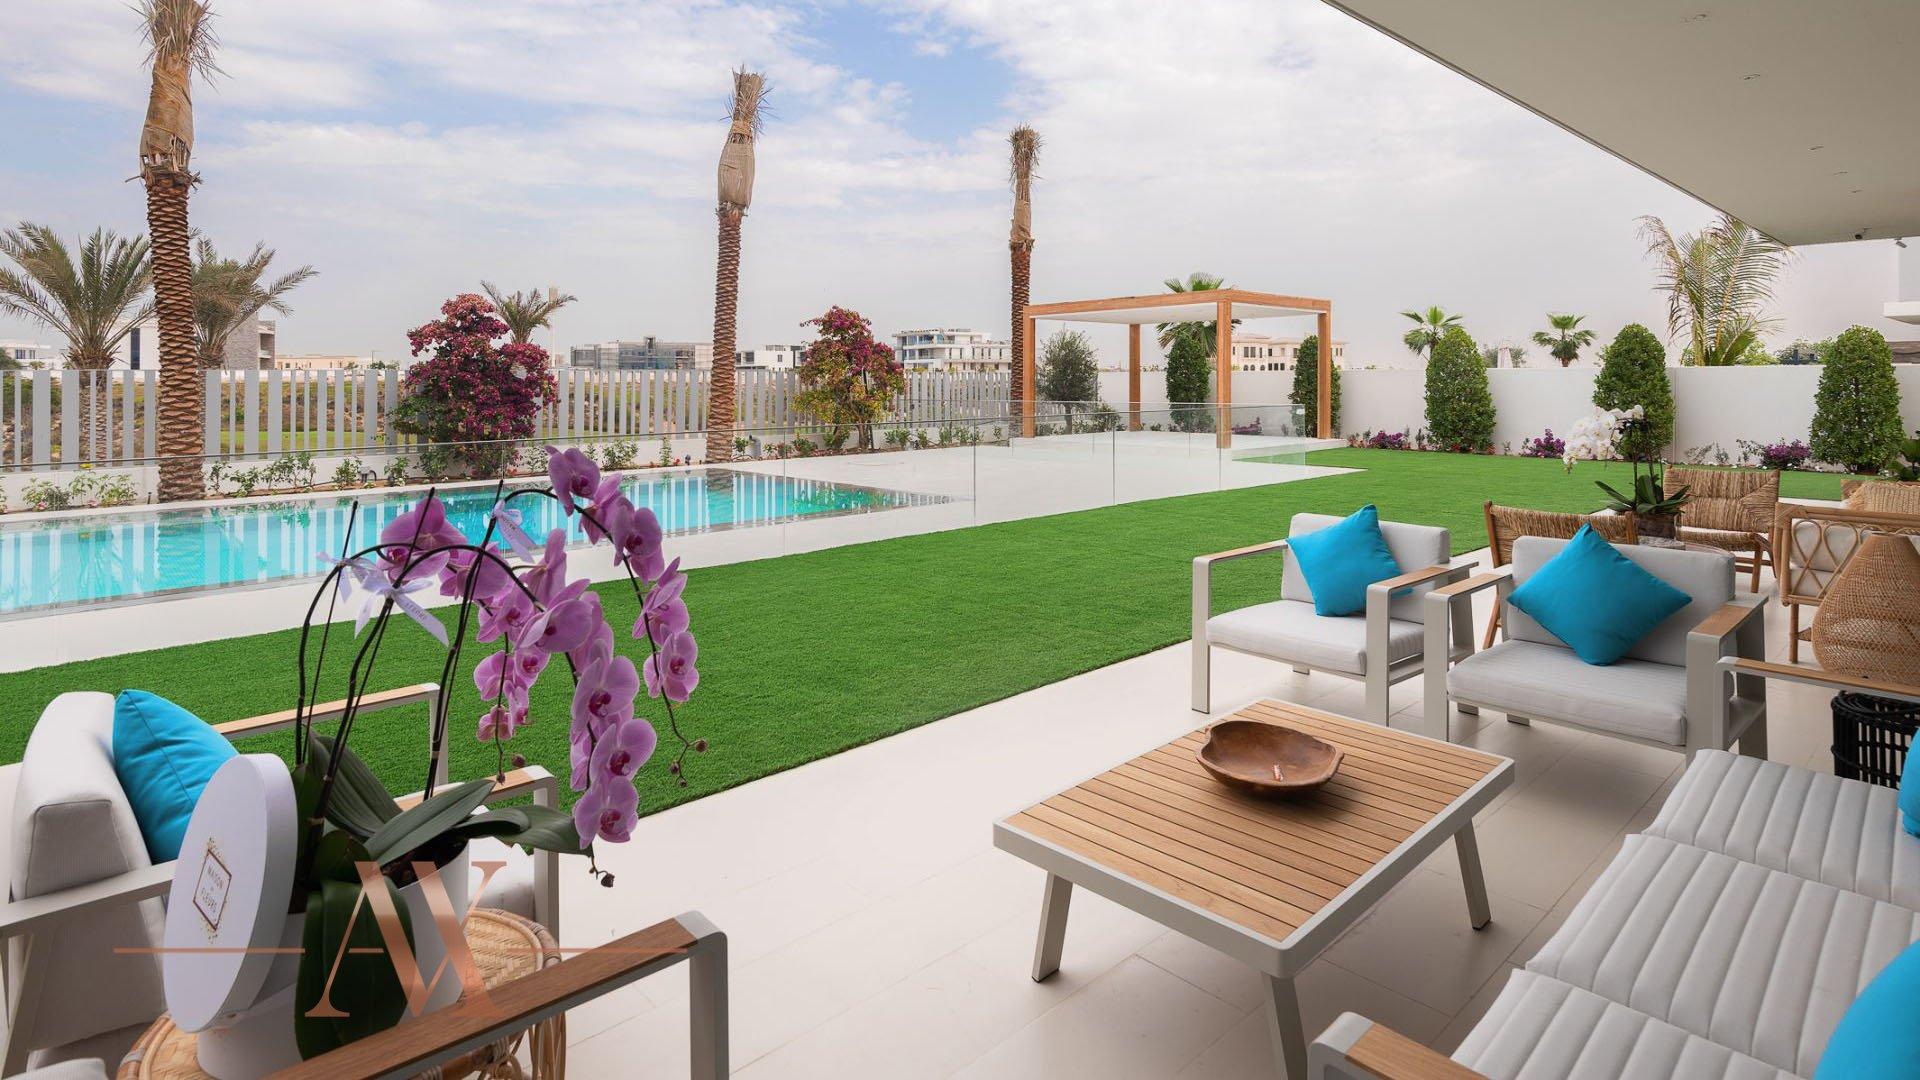 Villa en venta en Dubai, EAU, 7 dormitorios, 1394 m2, № 23838 – foto 1